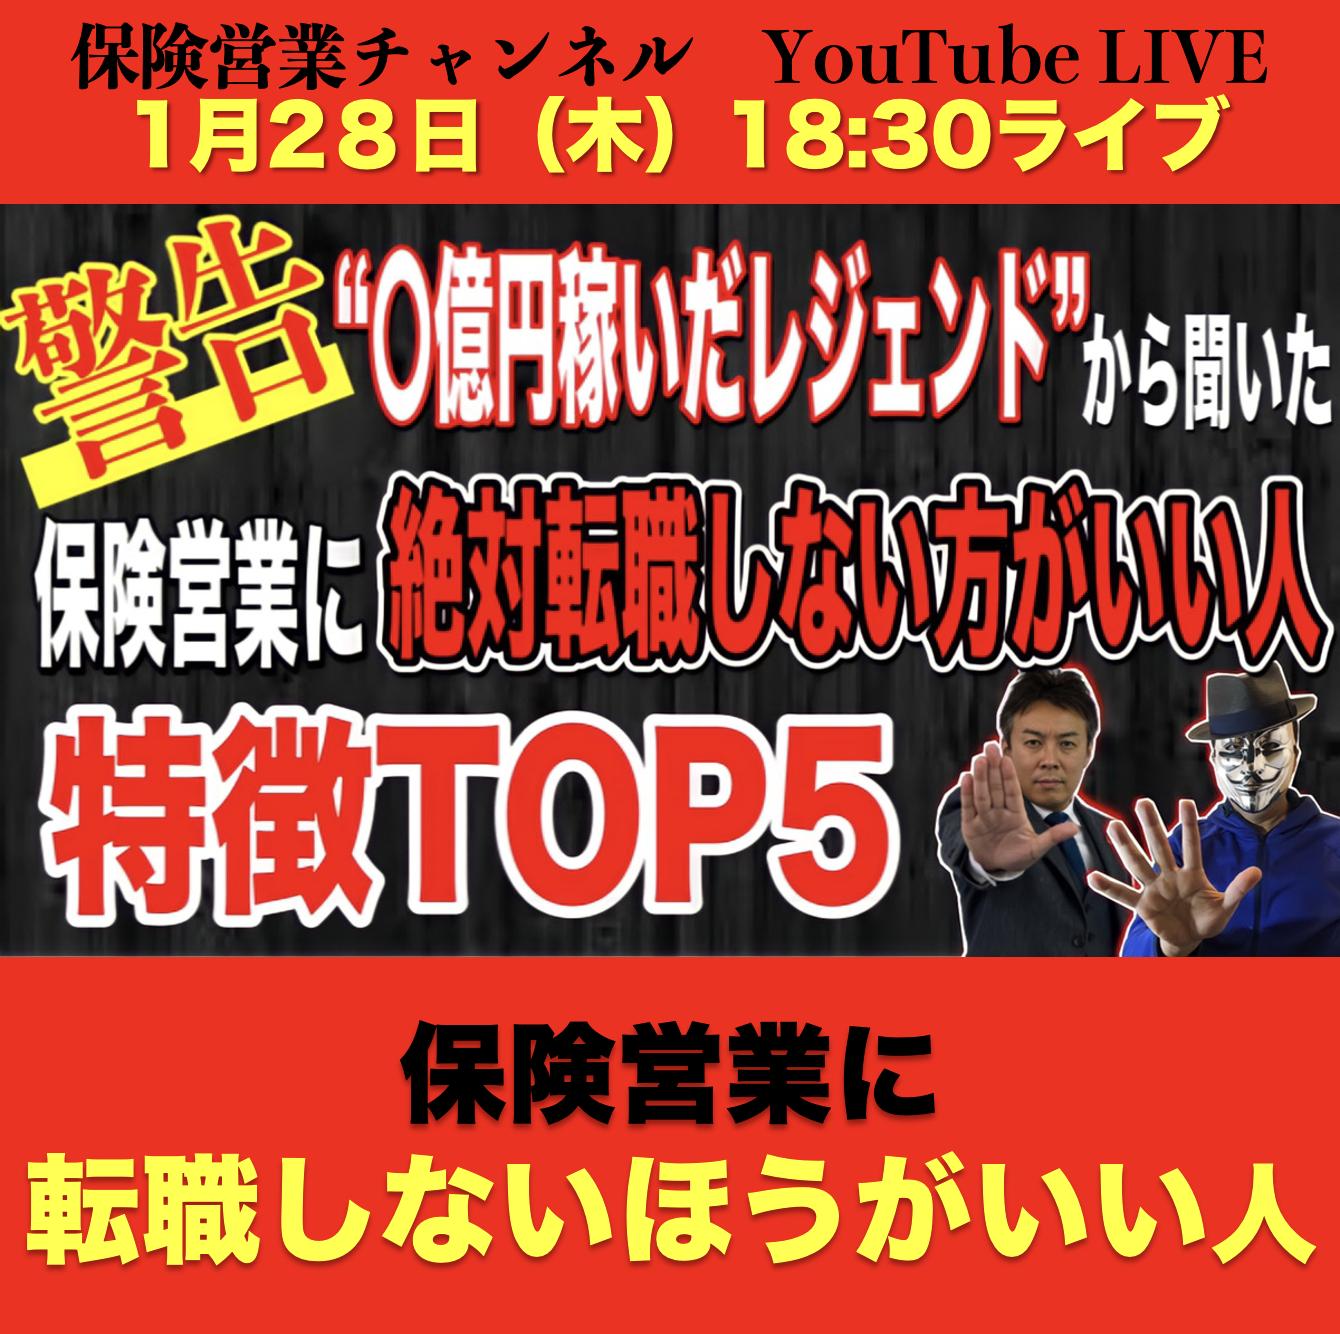 1/28 18:30 保険営業チャンネル YouTube LIVE